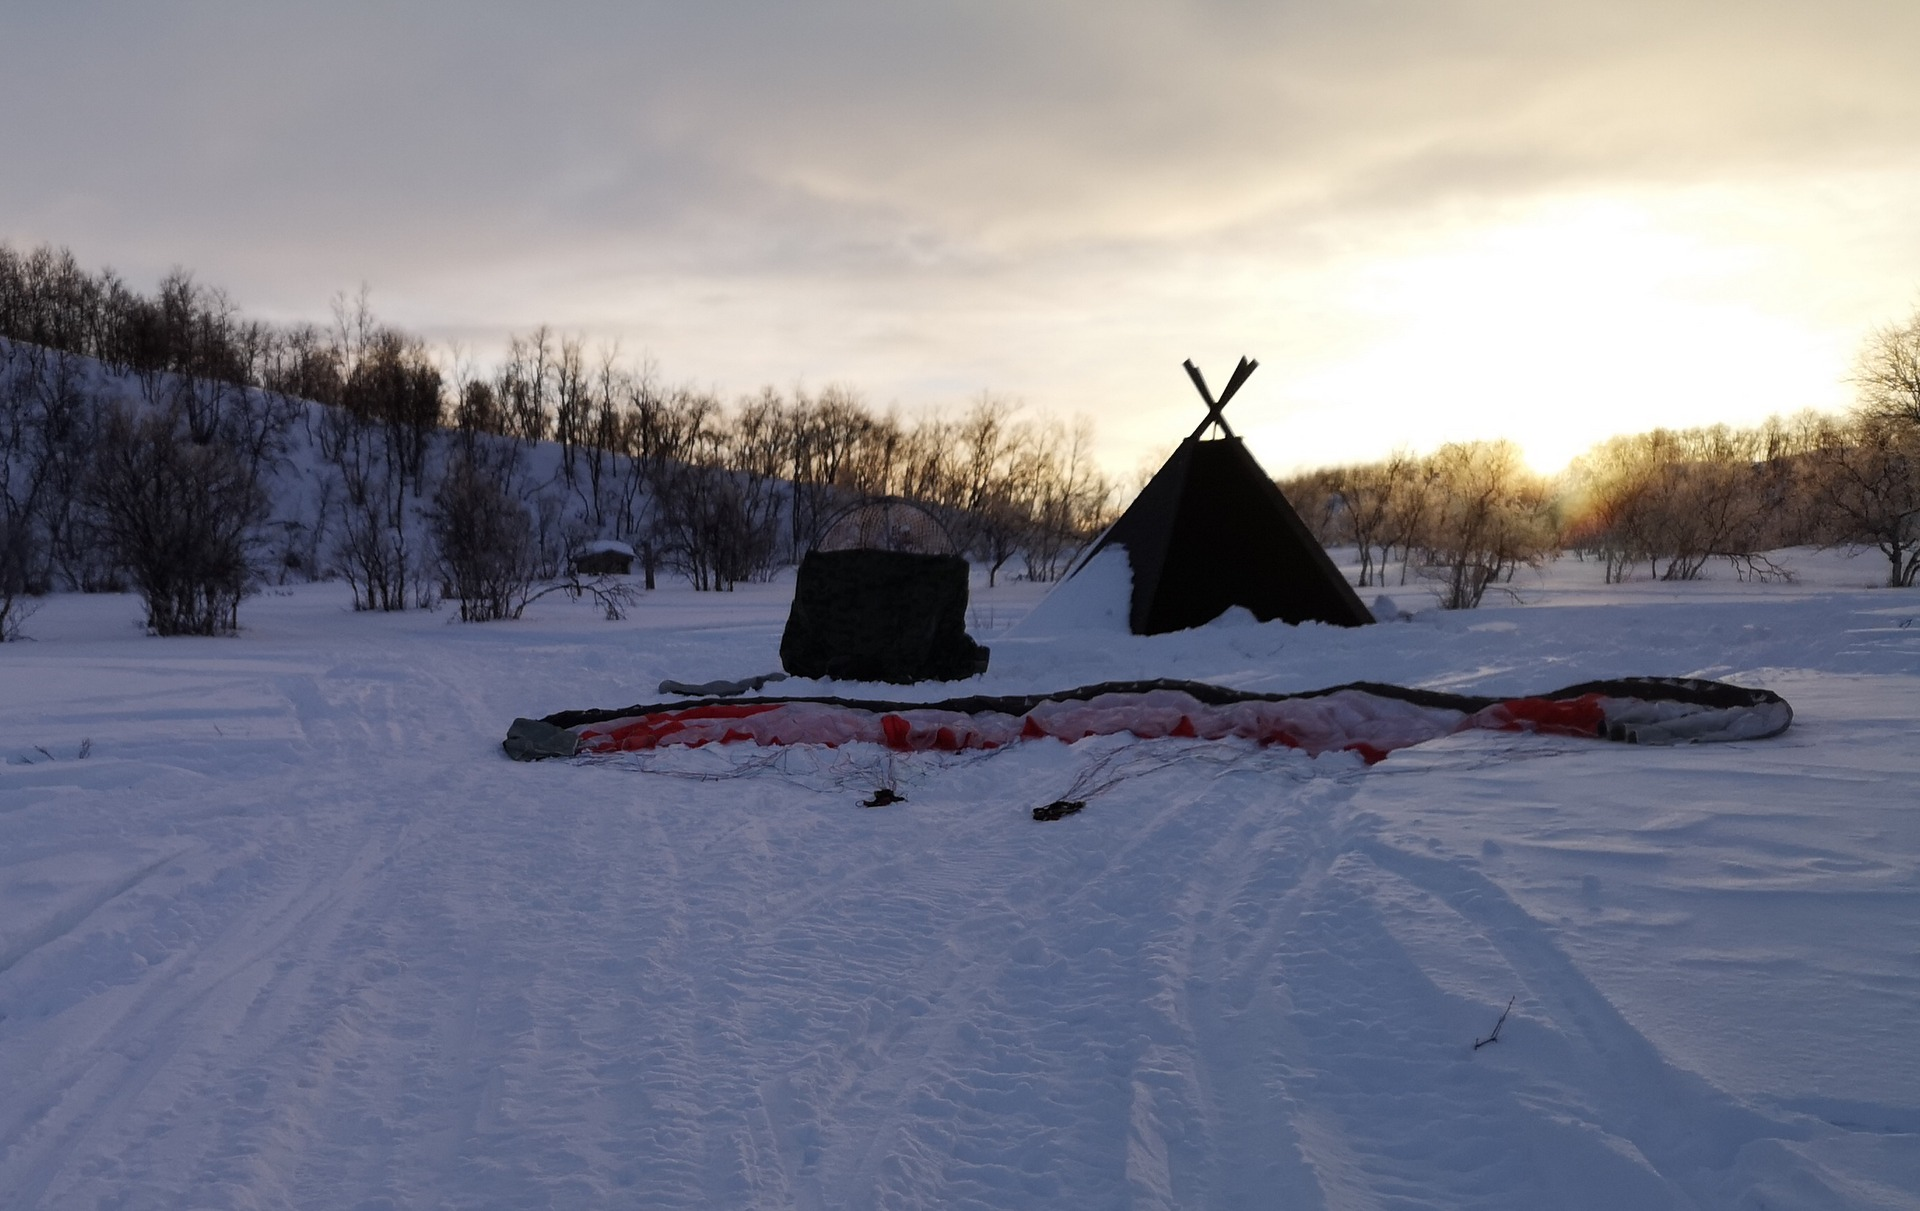 Aamulla nousin valmistelemaan lähtöä jo viiden jälkeen, kun tuuli oli voimistumassa aamun aikana.